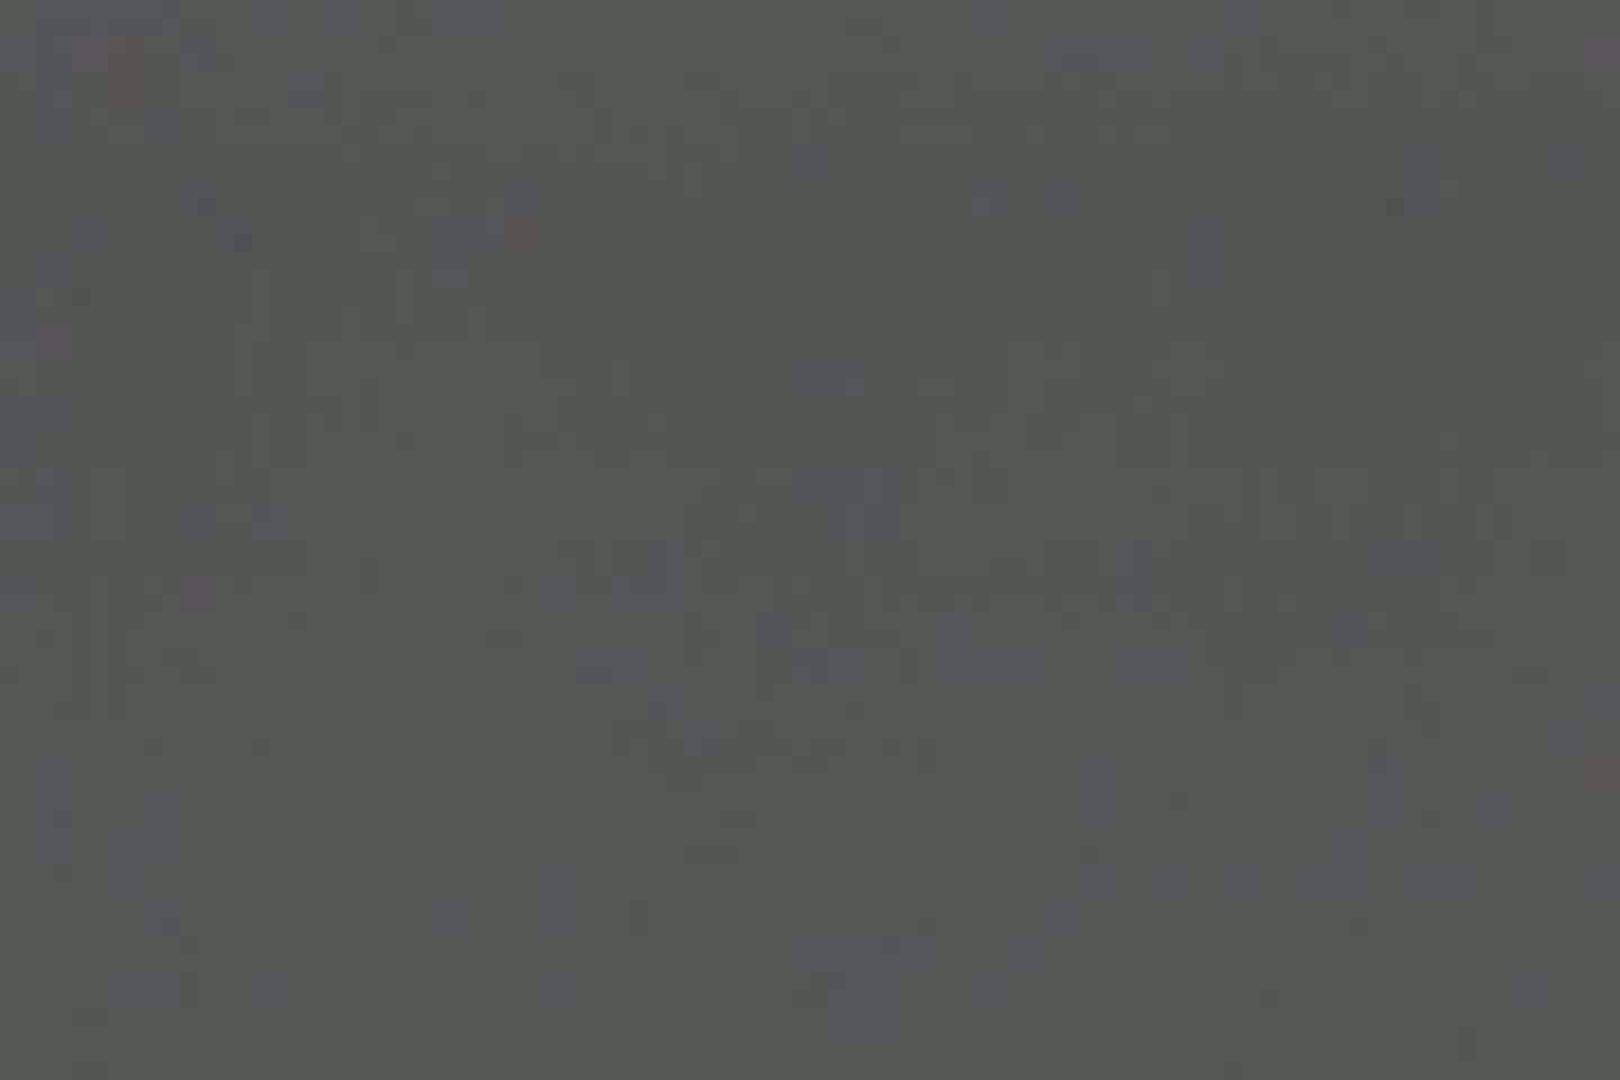 個室狂いのマニア映像Vol.4 洗面所はめどり  61画像 60